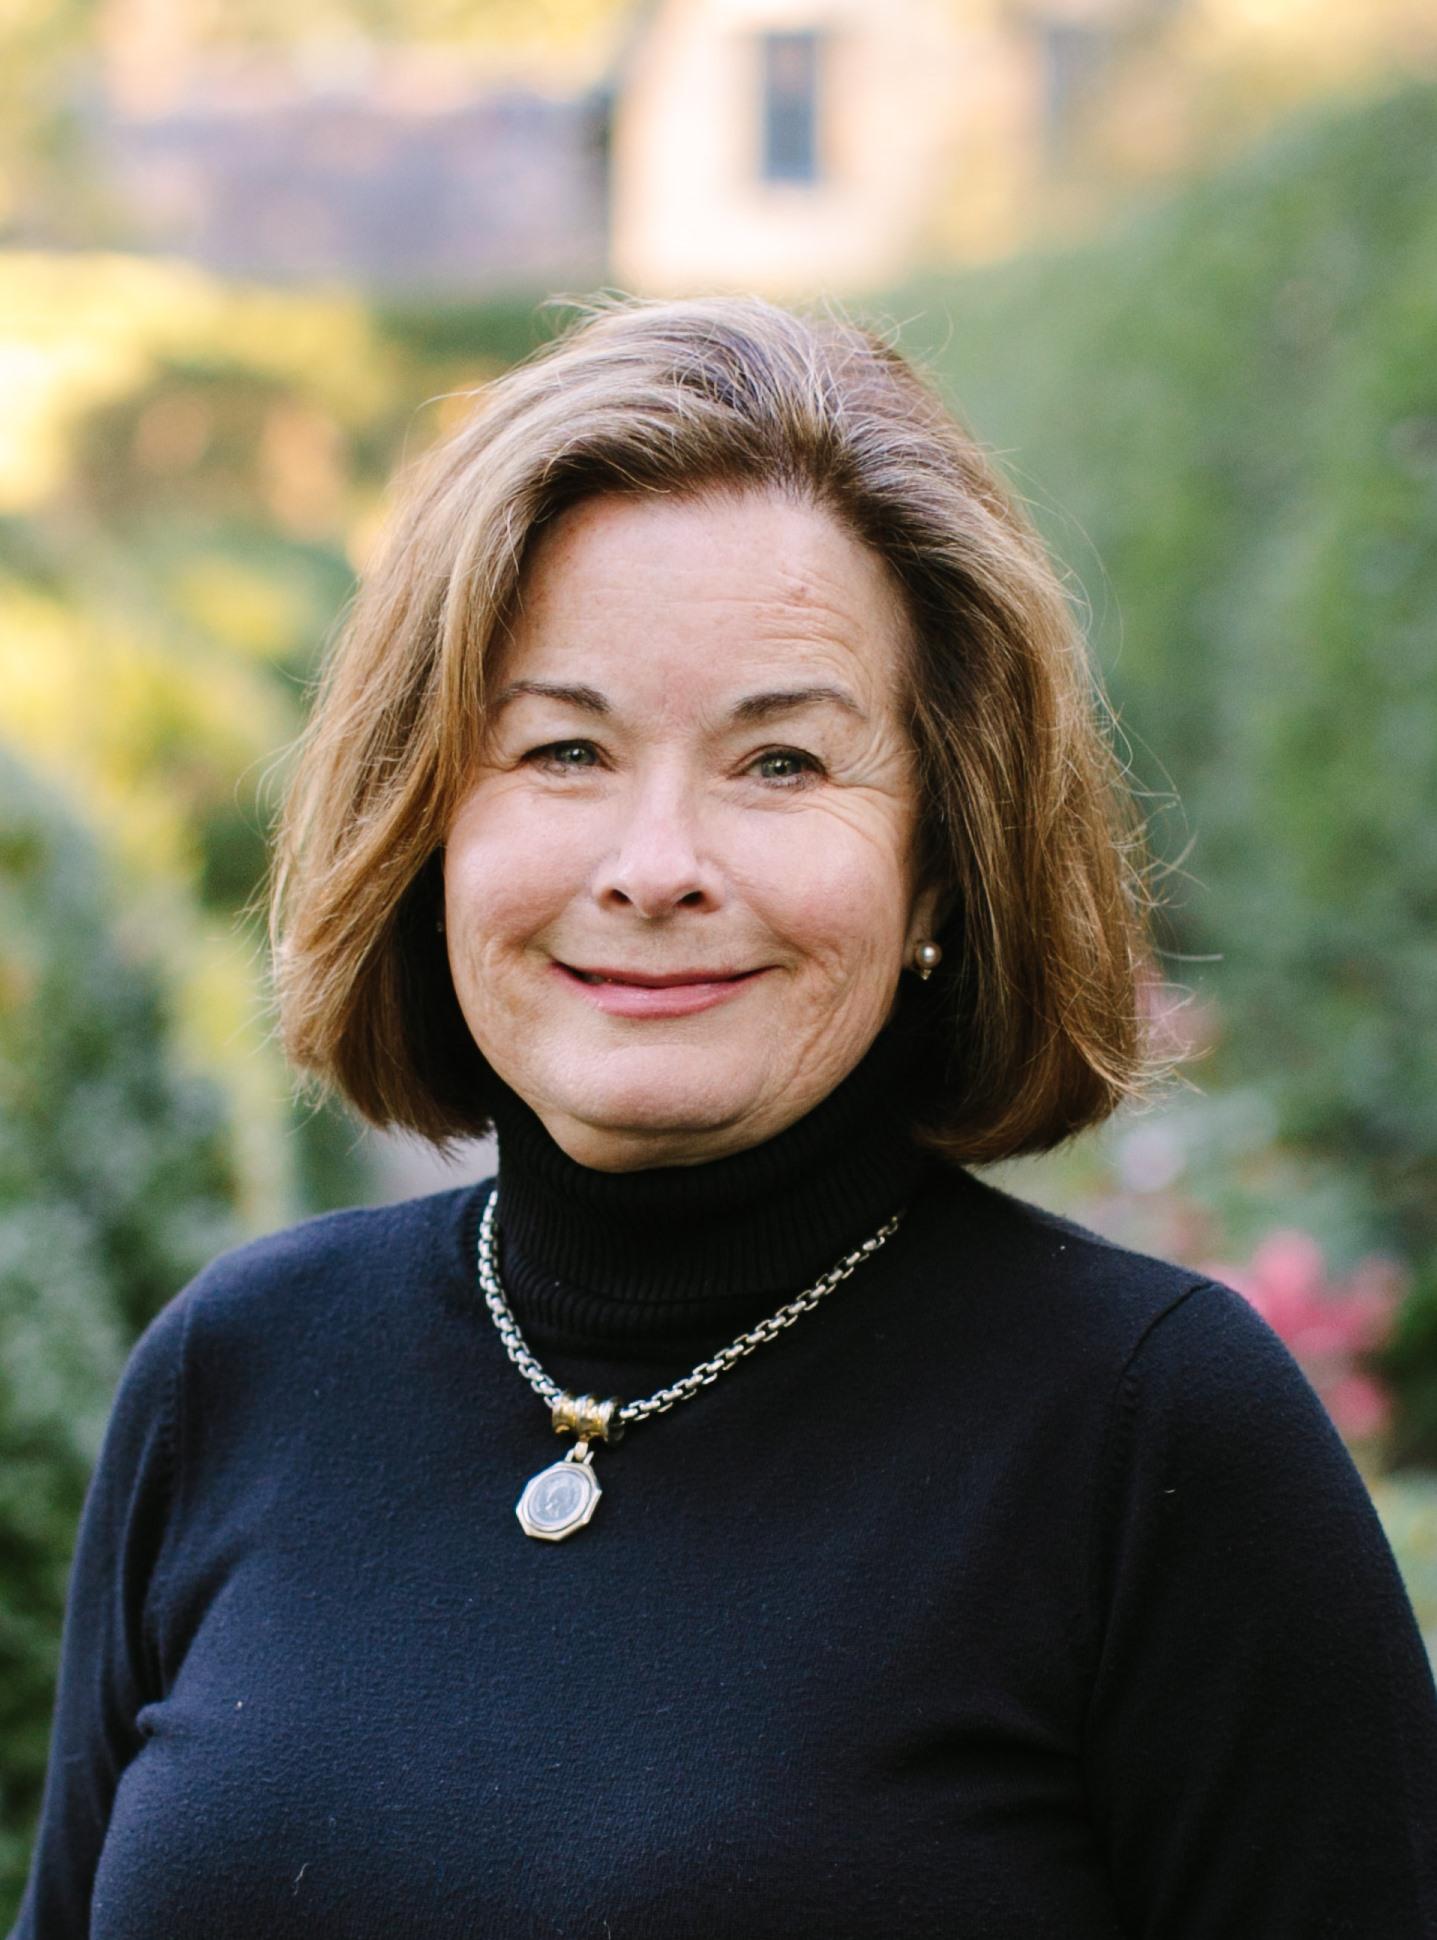 Pam Stilz